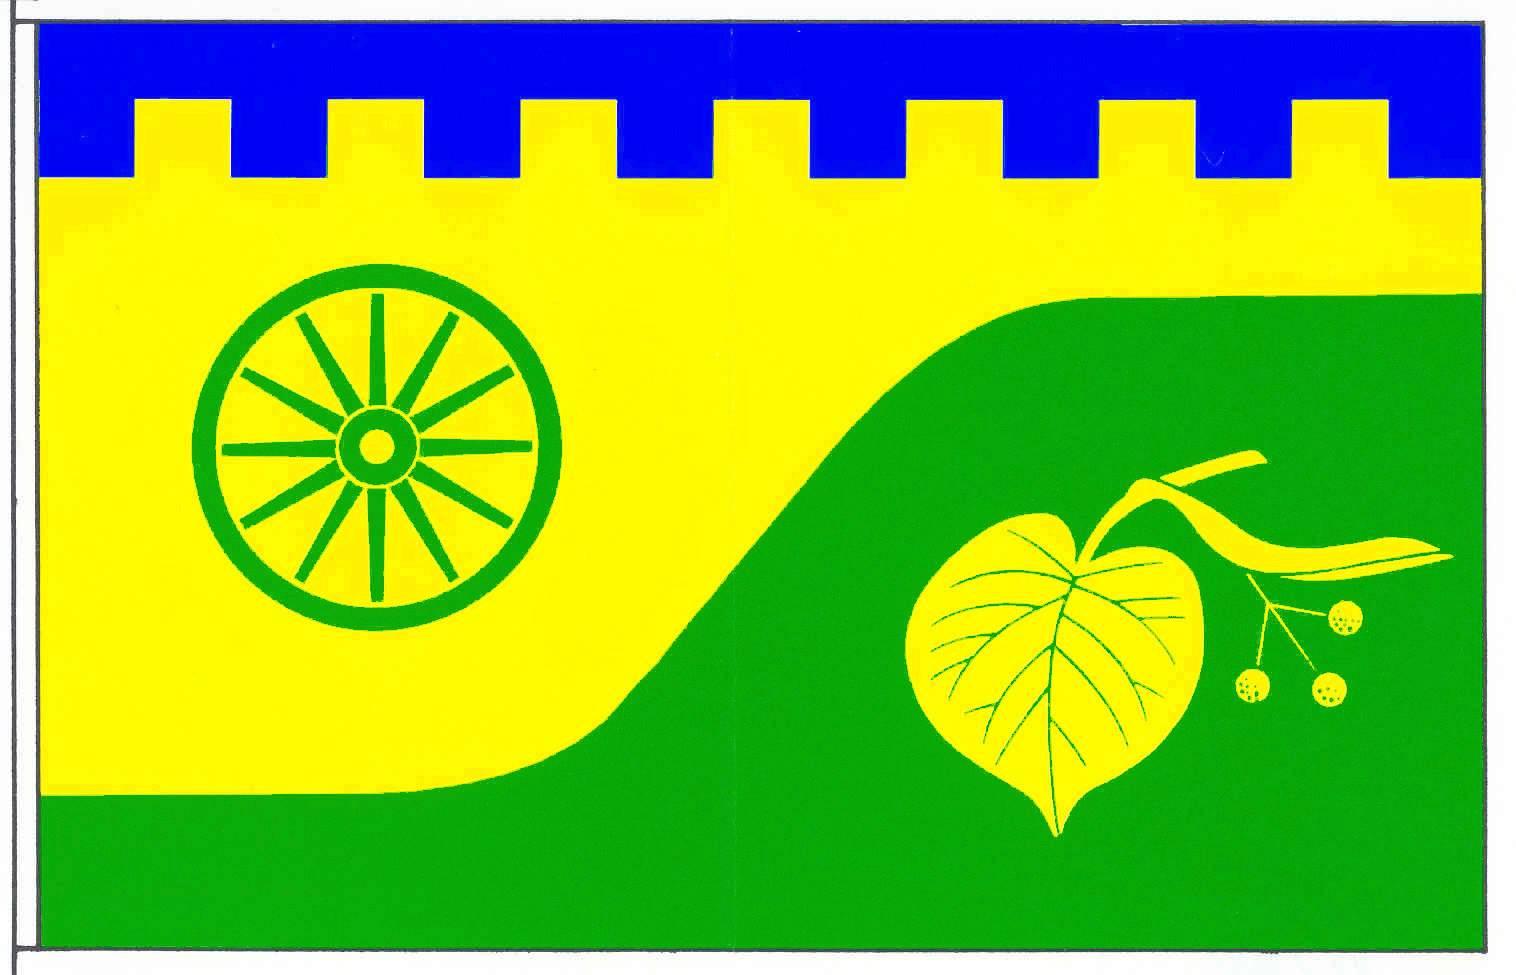 Flagge GemeindeNoer, Kreis Rendsburg-Eckernförde